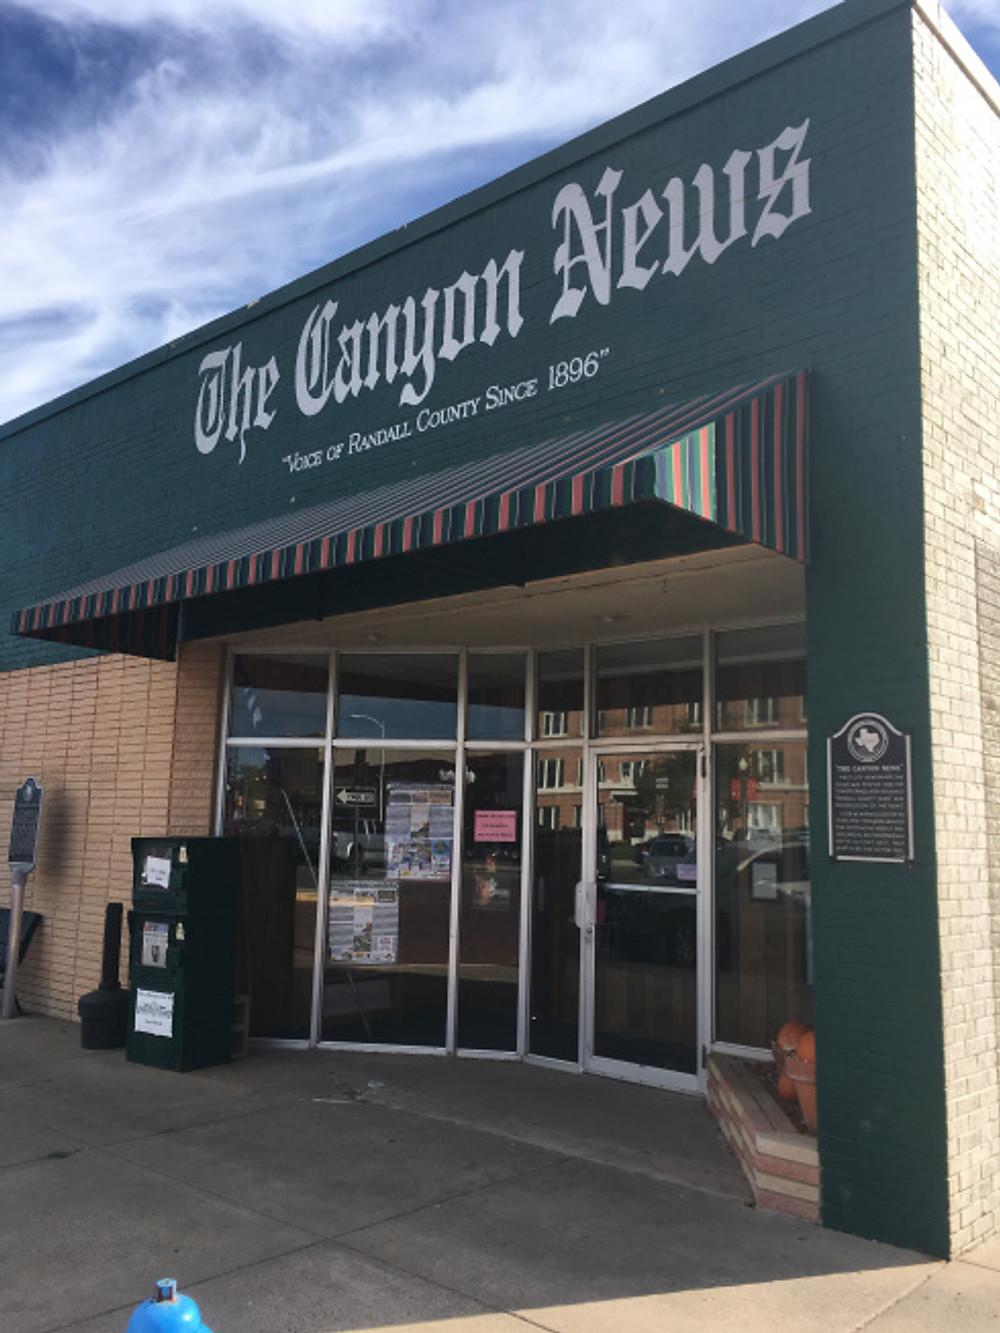 the-canyon-news